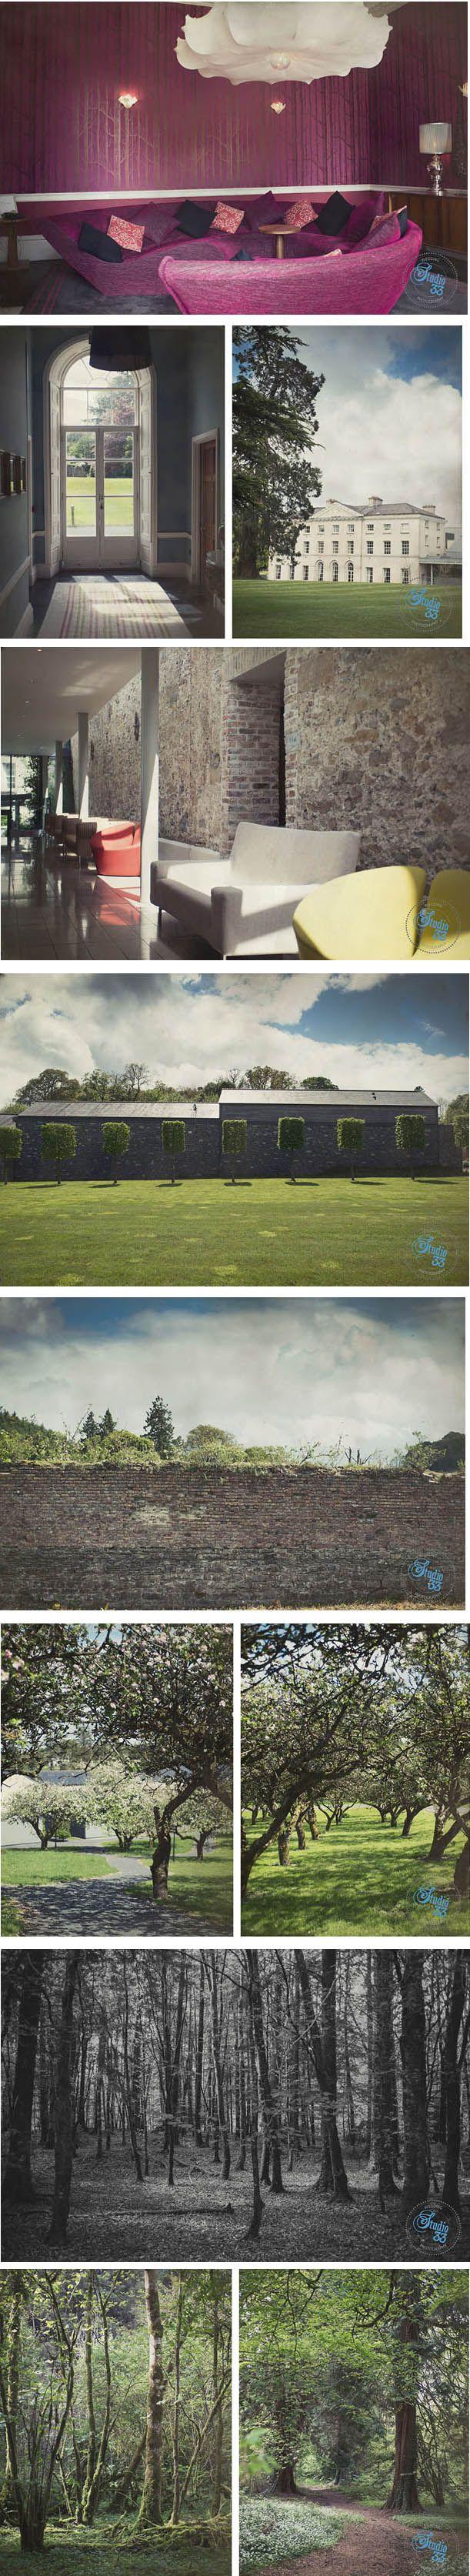 Locations for #Farnham Estate